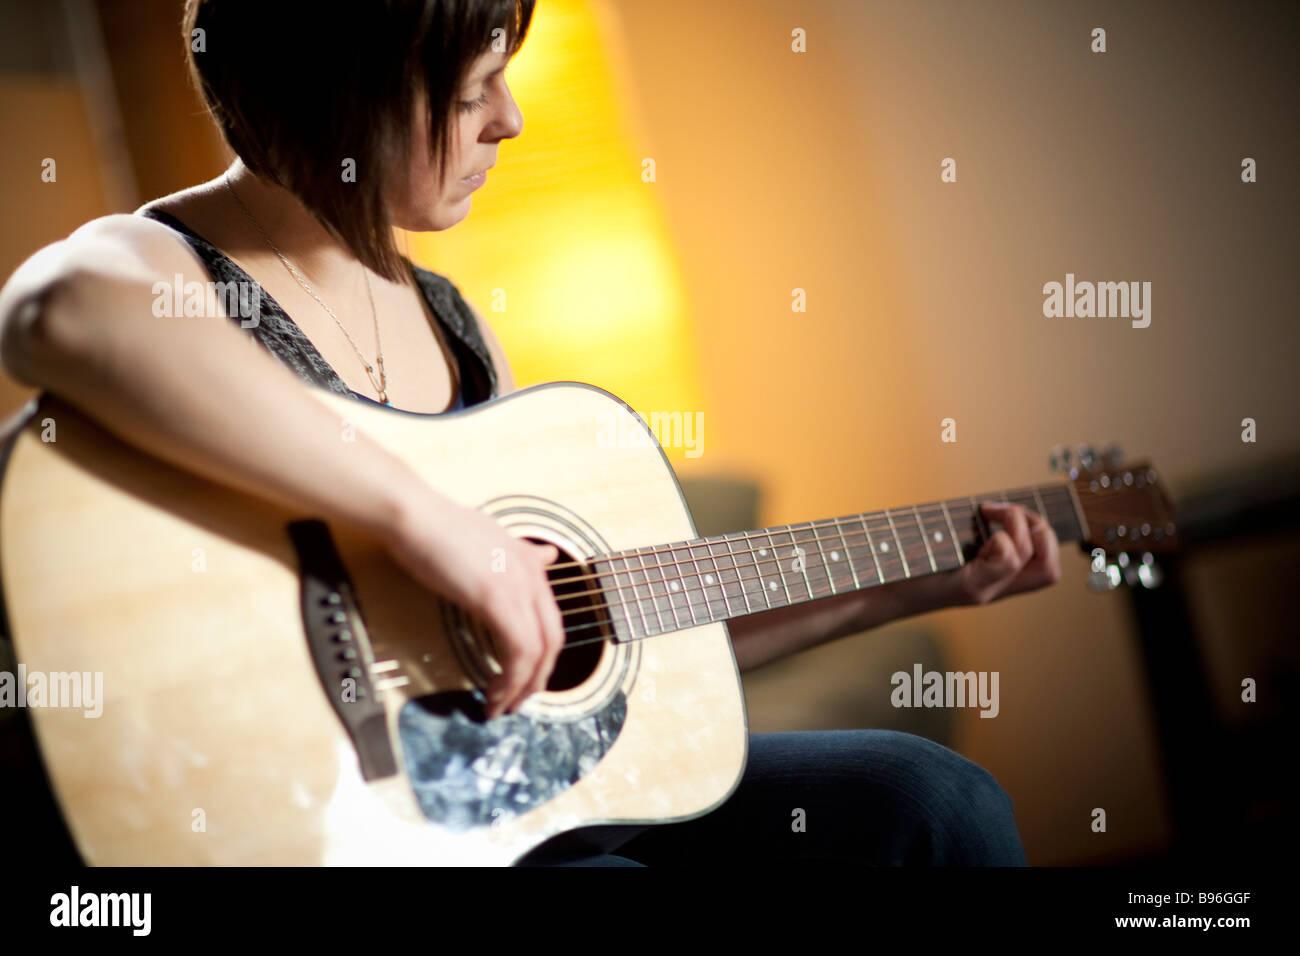 Junge Frau spielt Gitarre im urbanen loft Stockbild